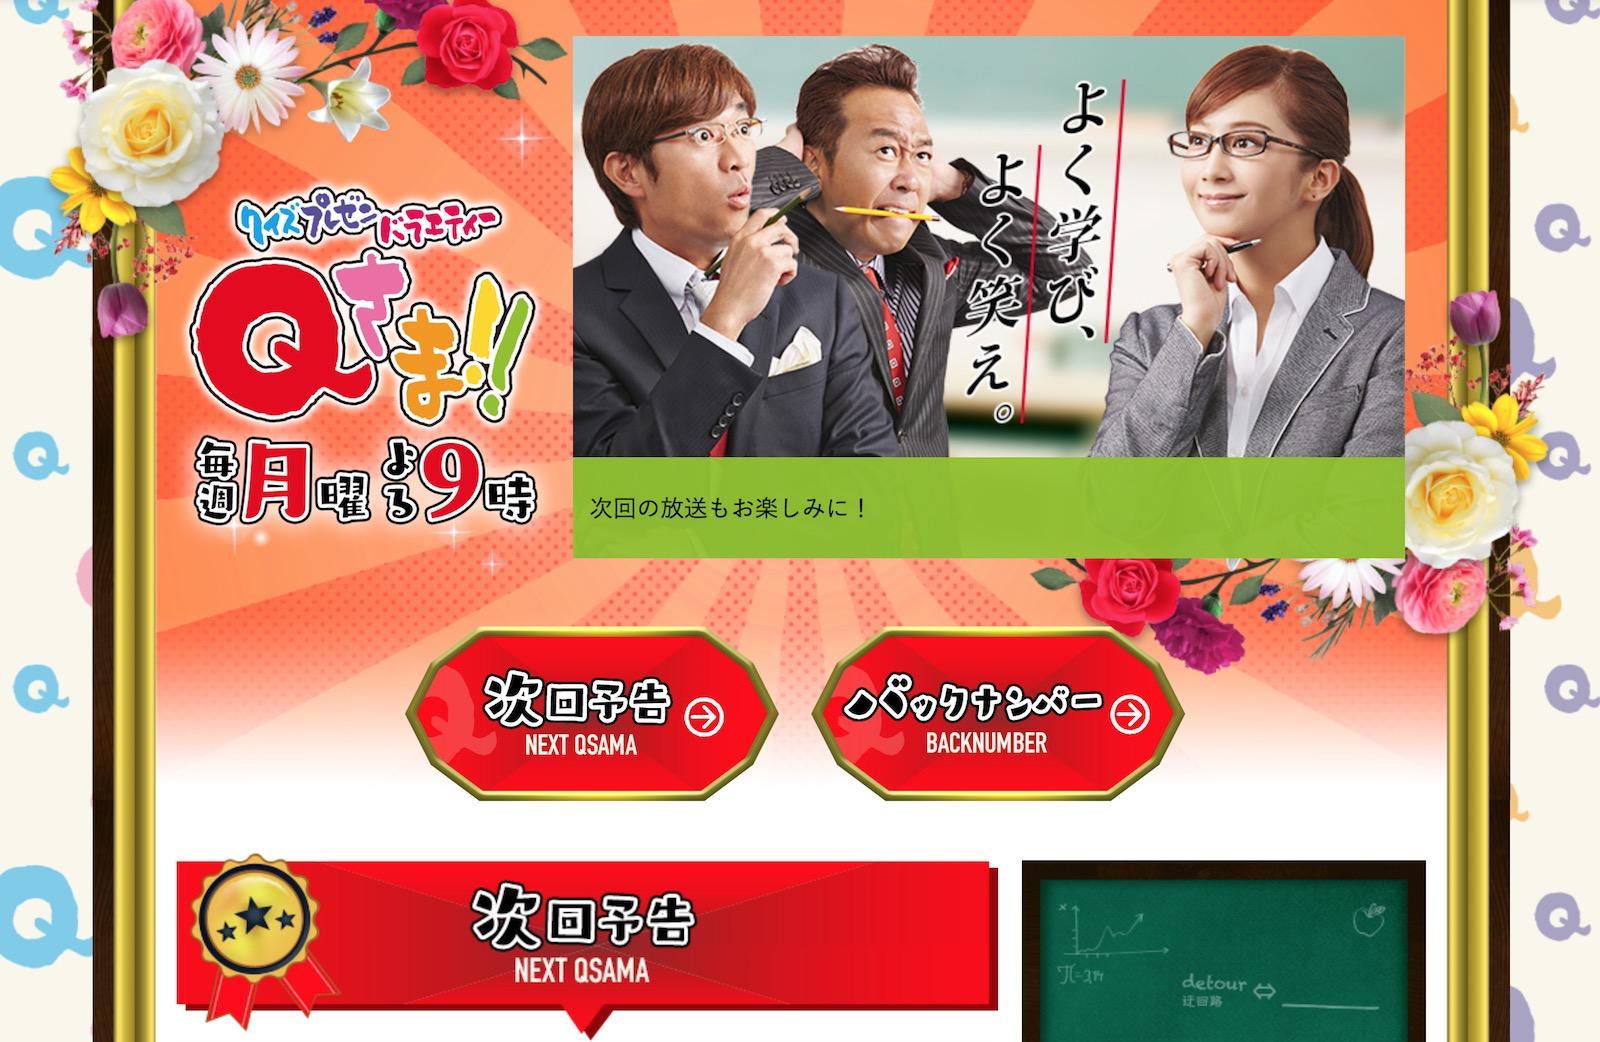 テレビ朝日系「クイズプレゼンバラエティー Qさま!!」公式サイト